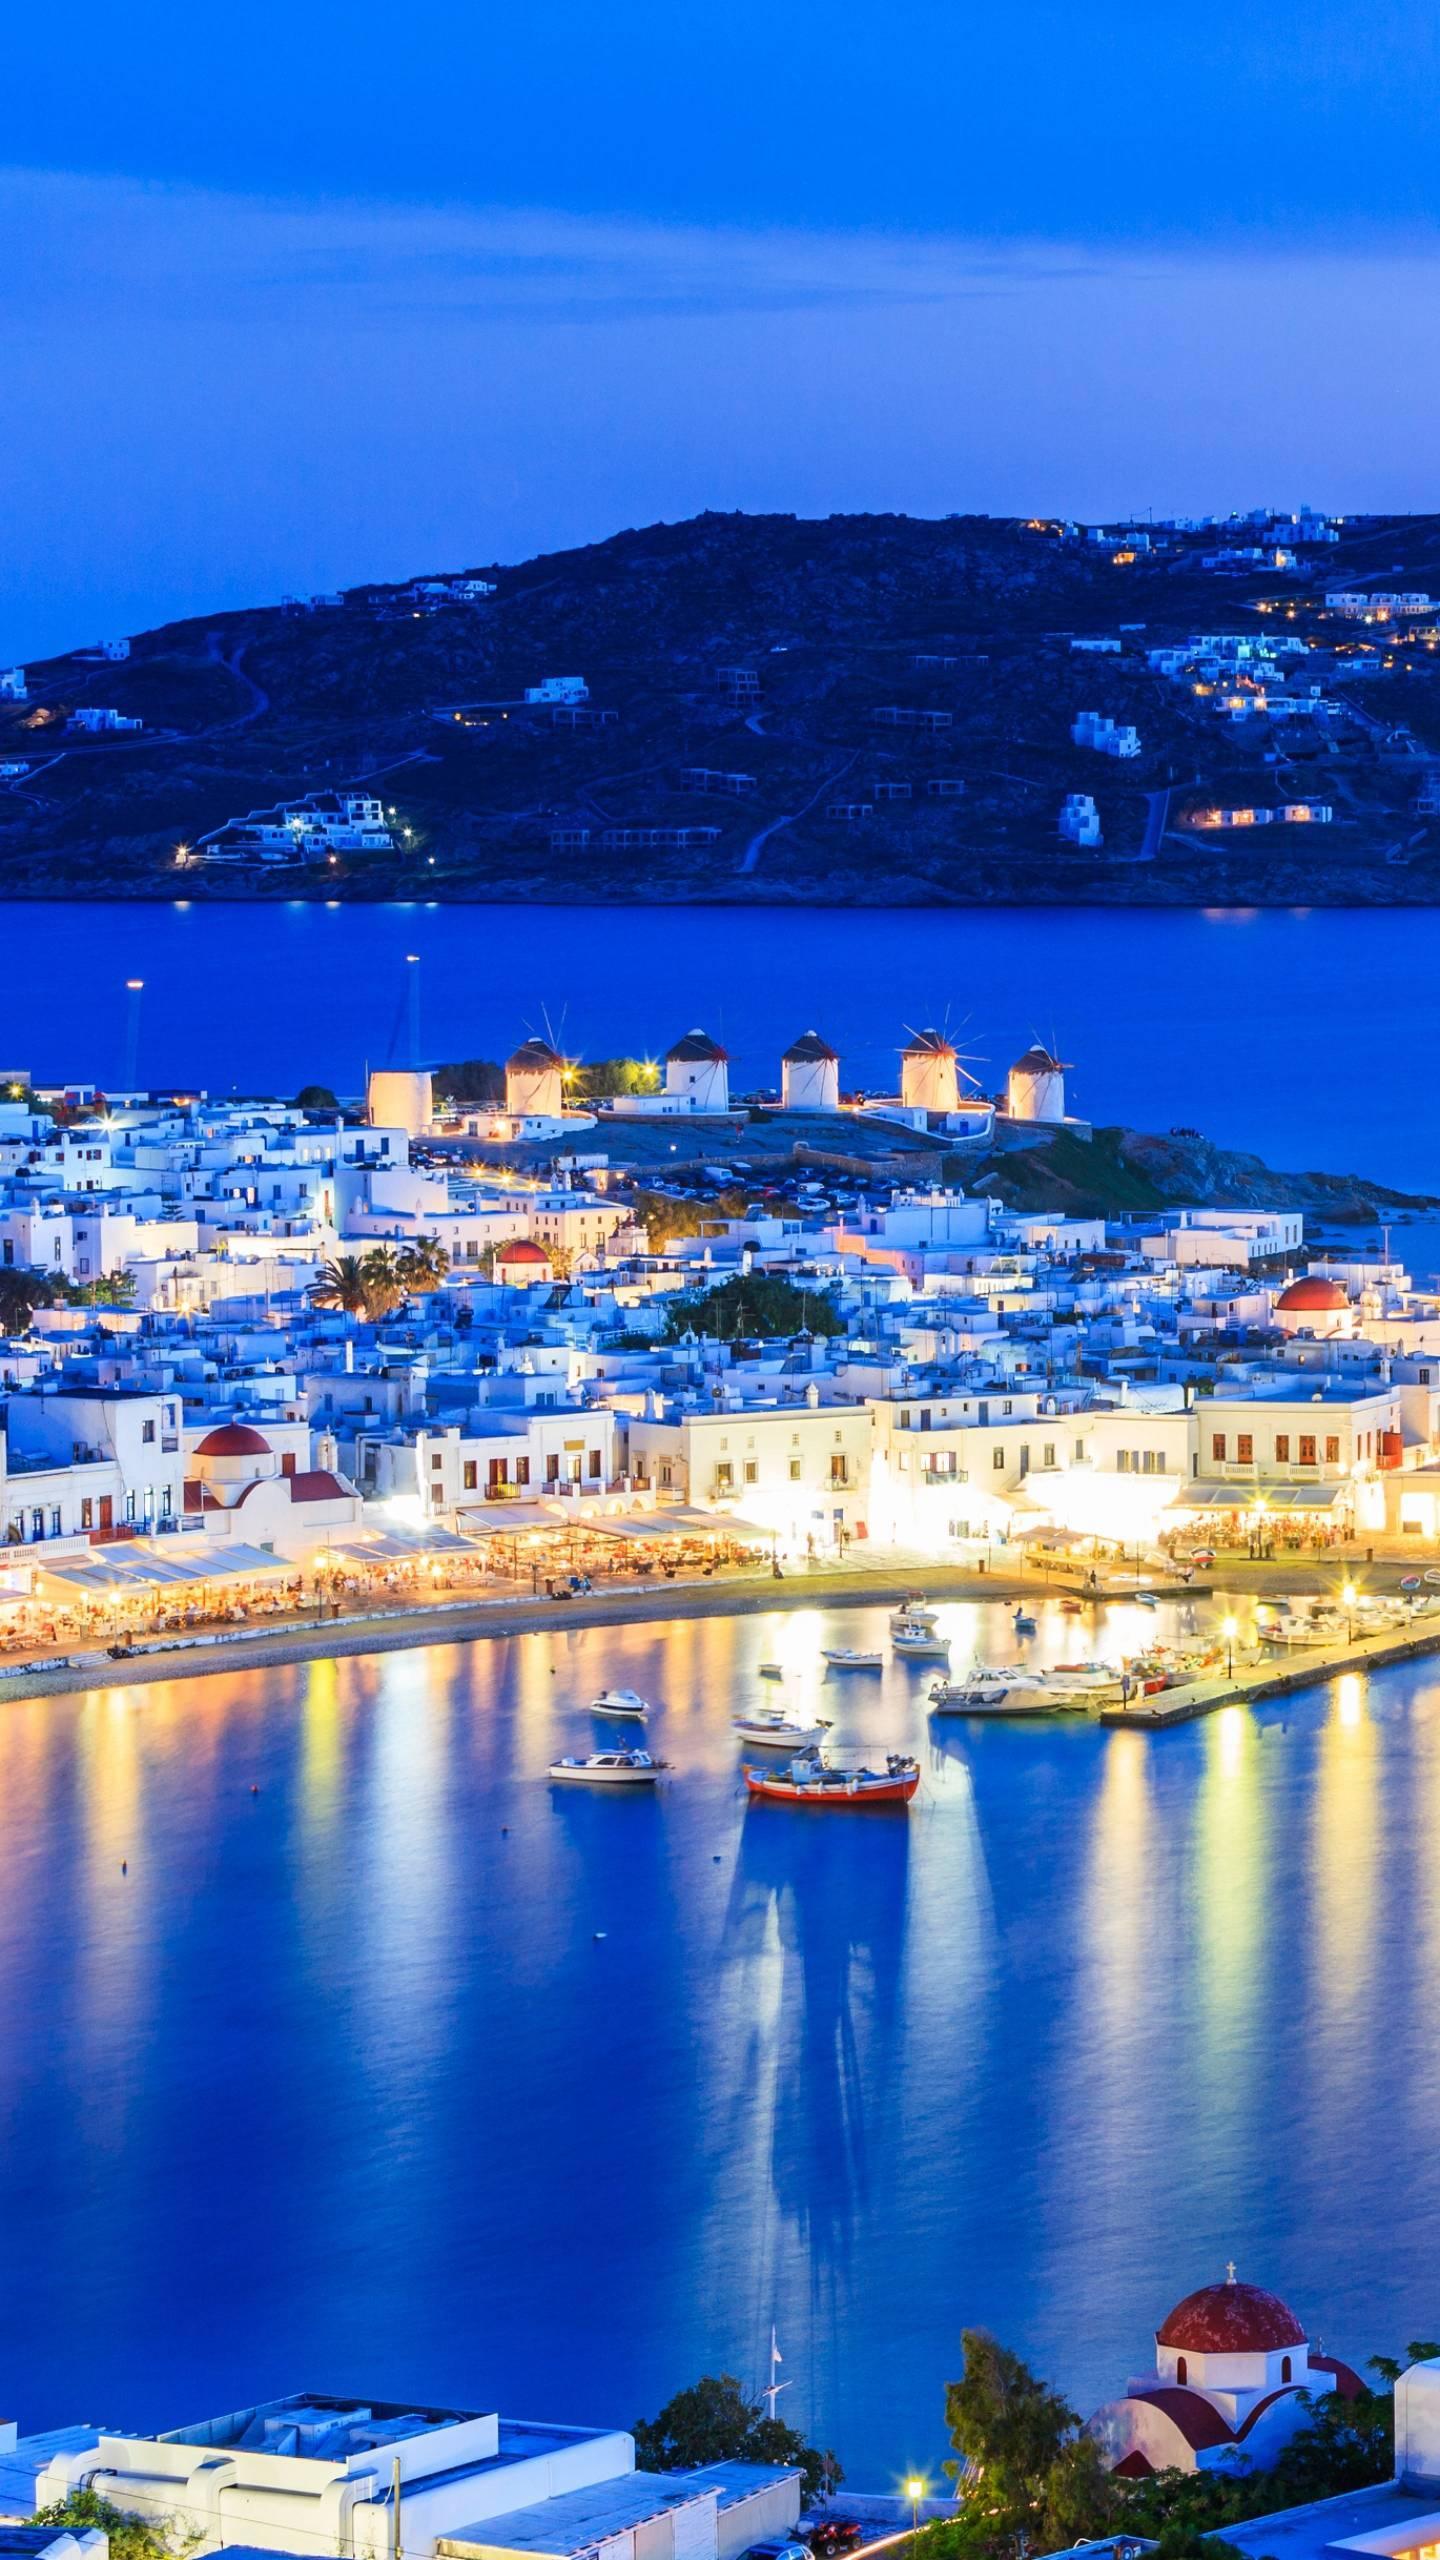 Greece - Mykonos. The scenery of Mykonos is beautiful, like a bright pearl on the Aegean Sea.